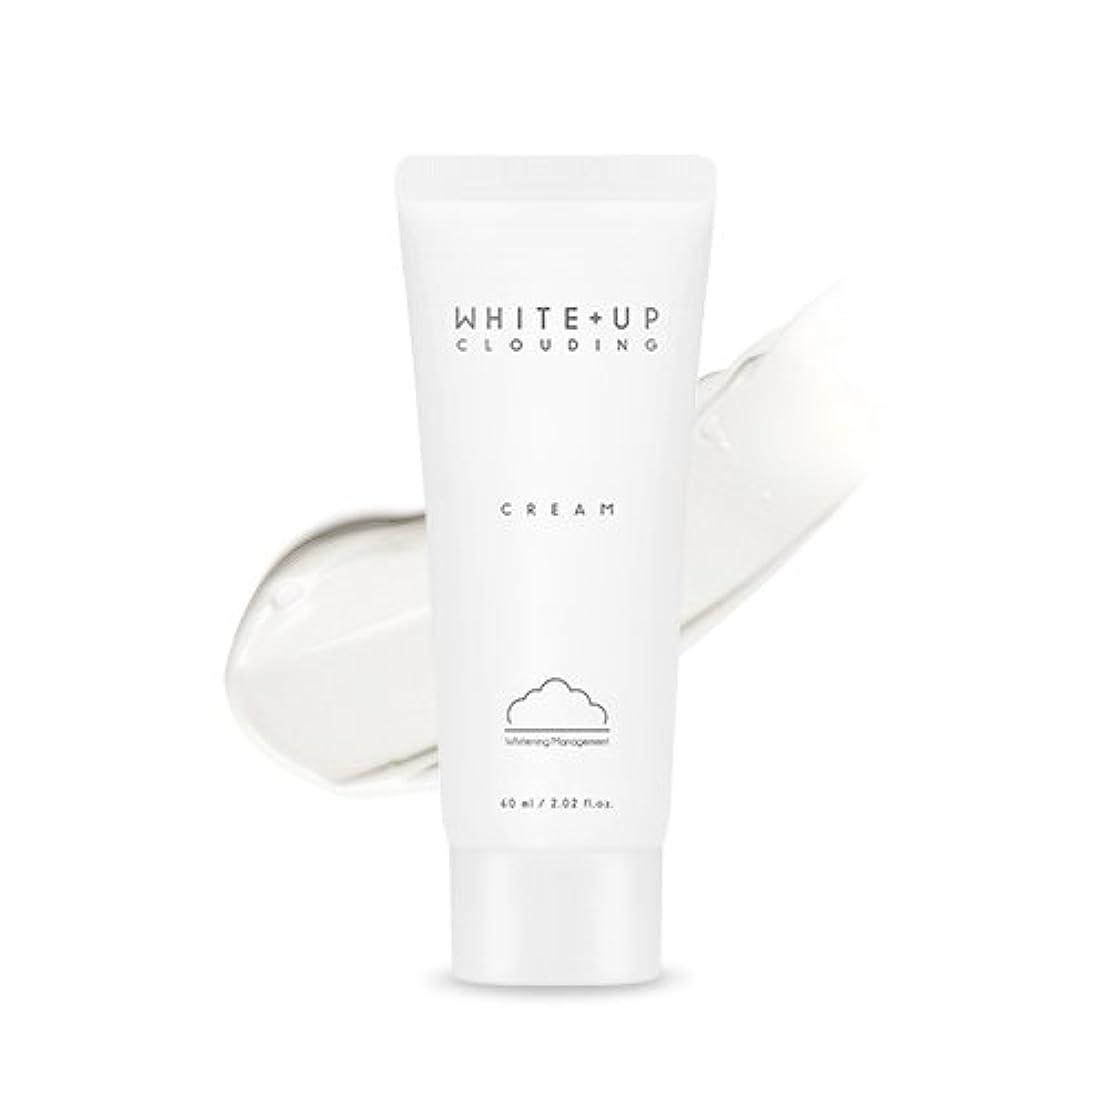 リマケージ気になるAPIEU (WHITE+UP) Clouding Cream/アピュ ホワイトアップクラウドディングクリーム 60ml [並行輸入品]